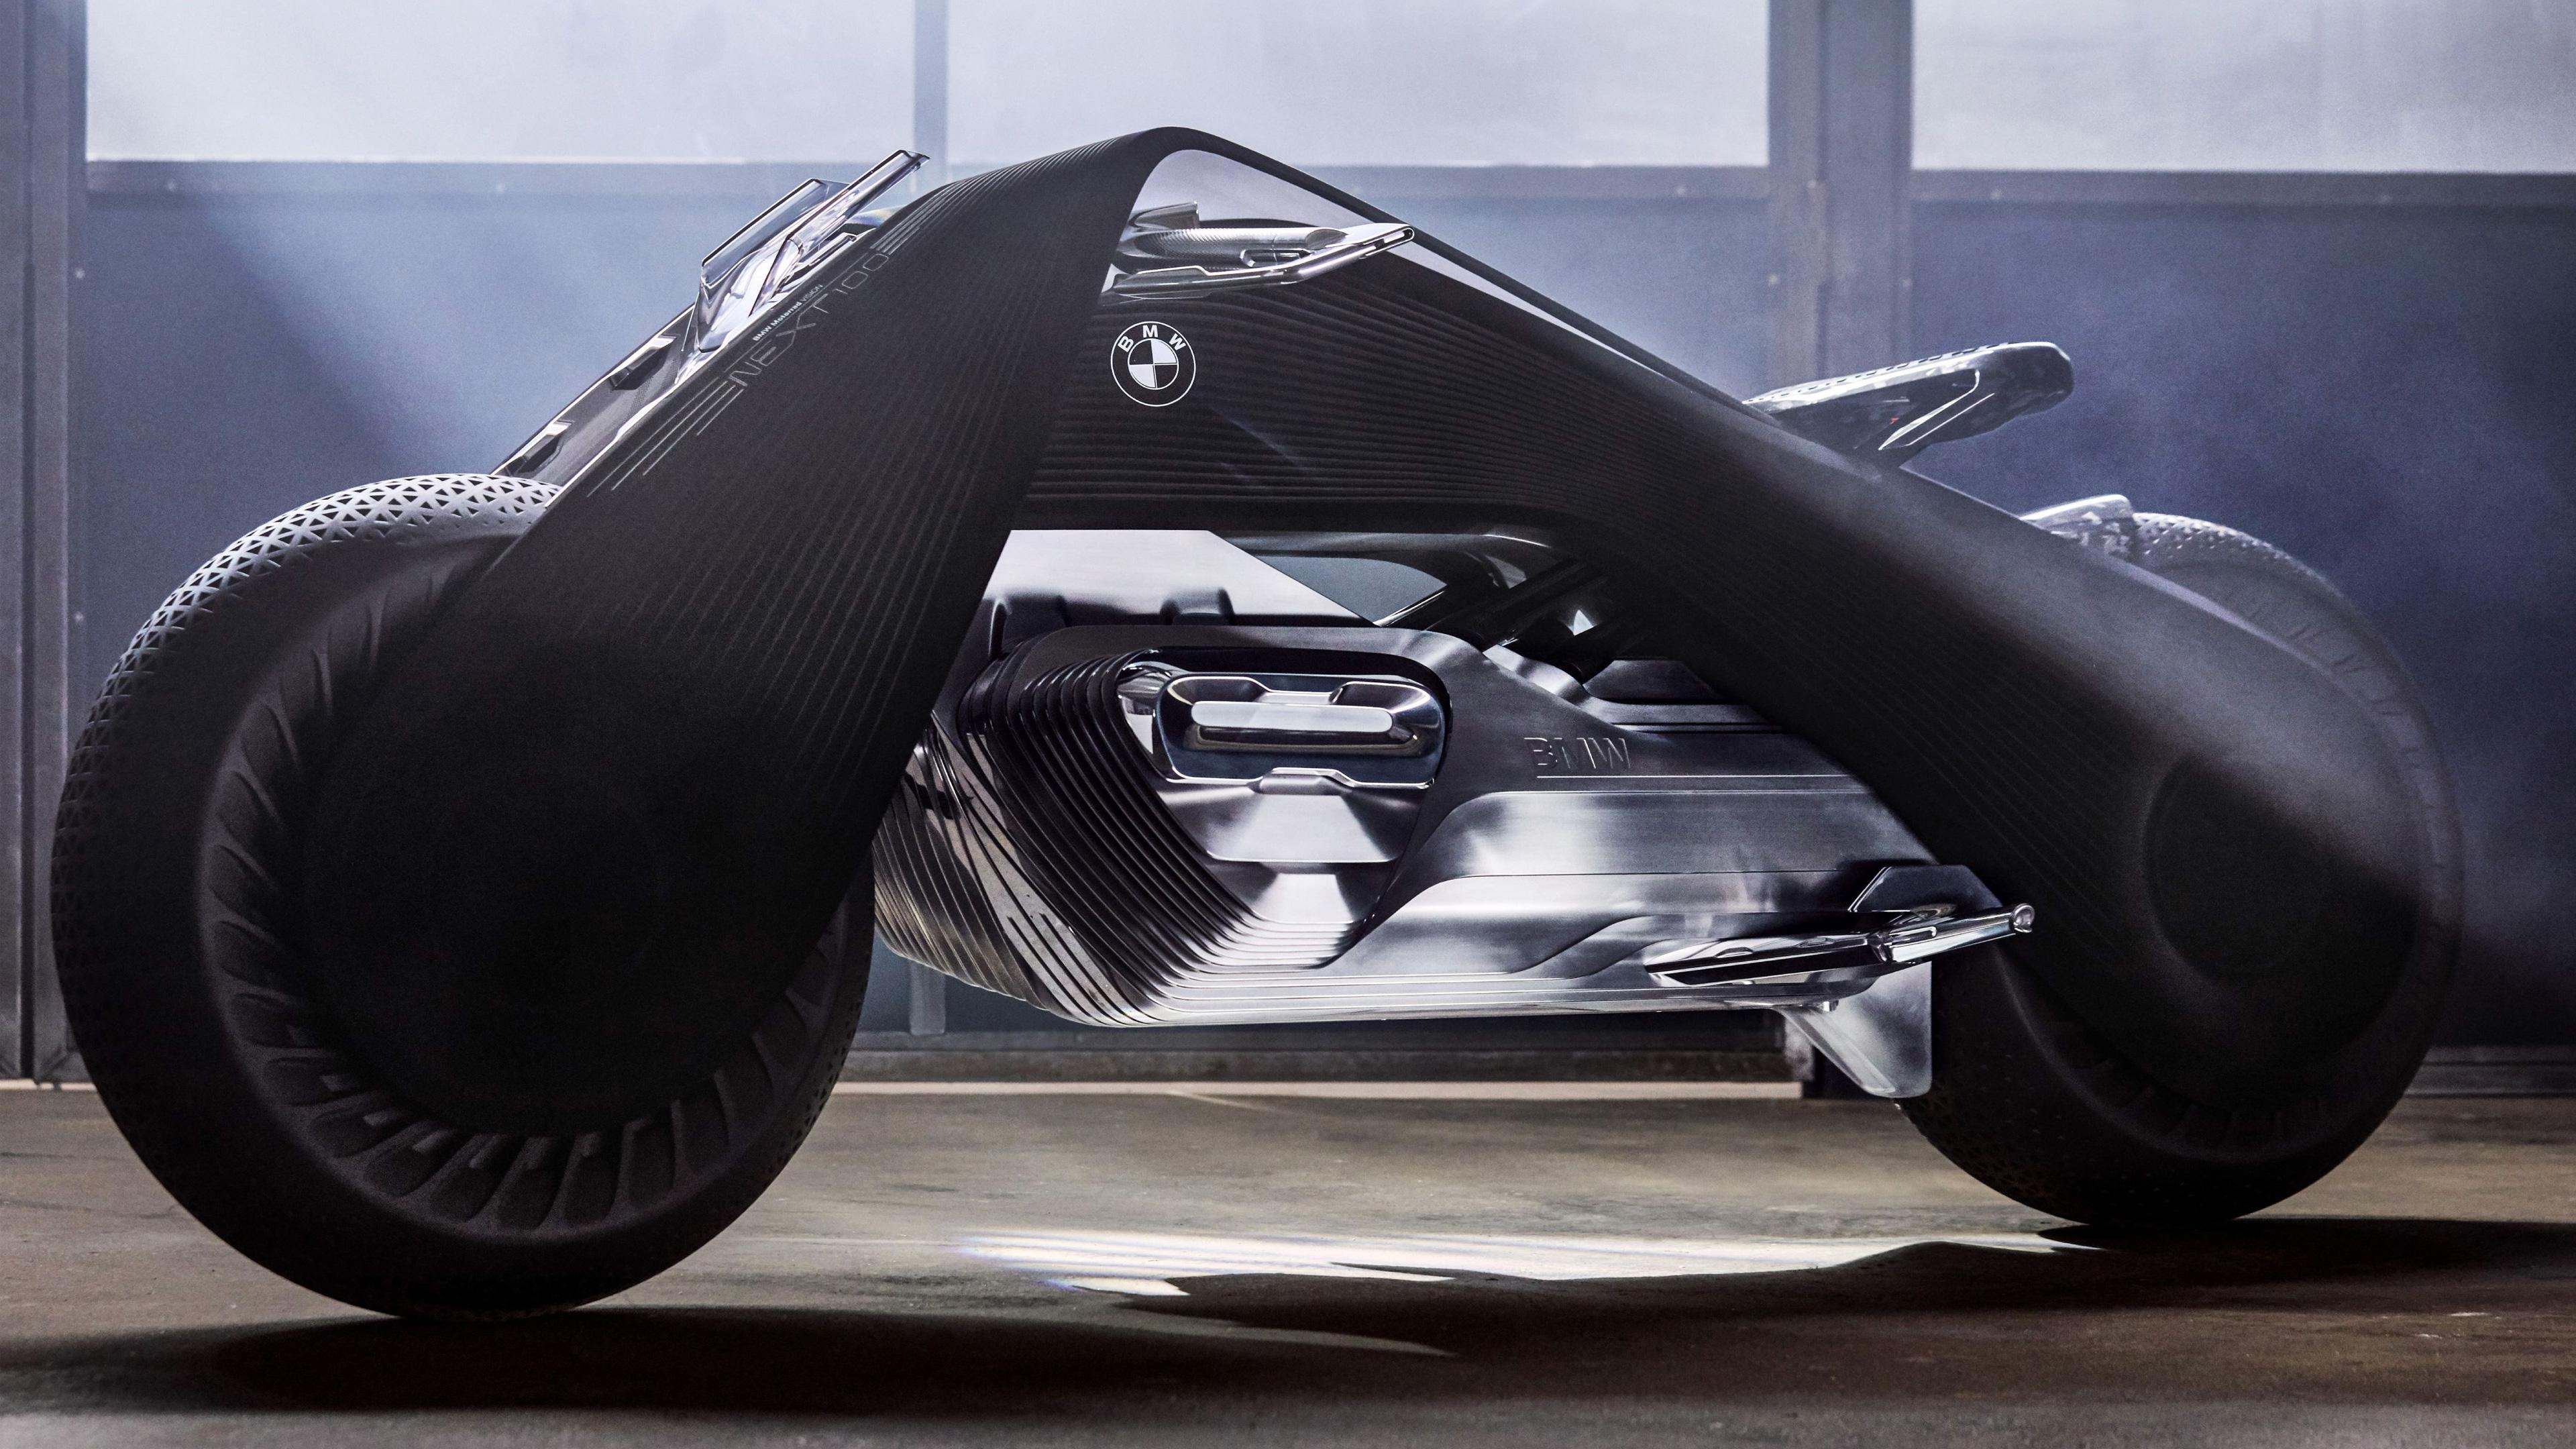 БМВ моторрад видение ближайшие 100 будущих велосипед. обои скачать